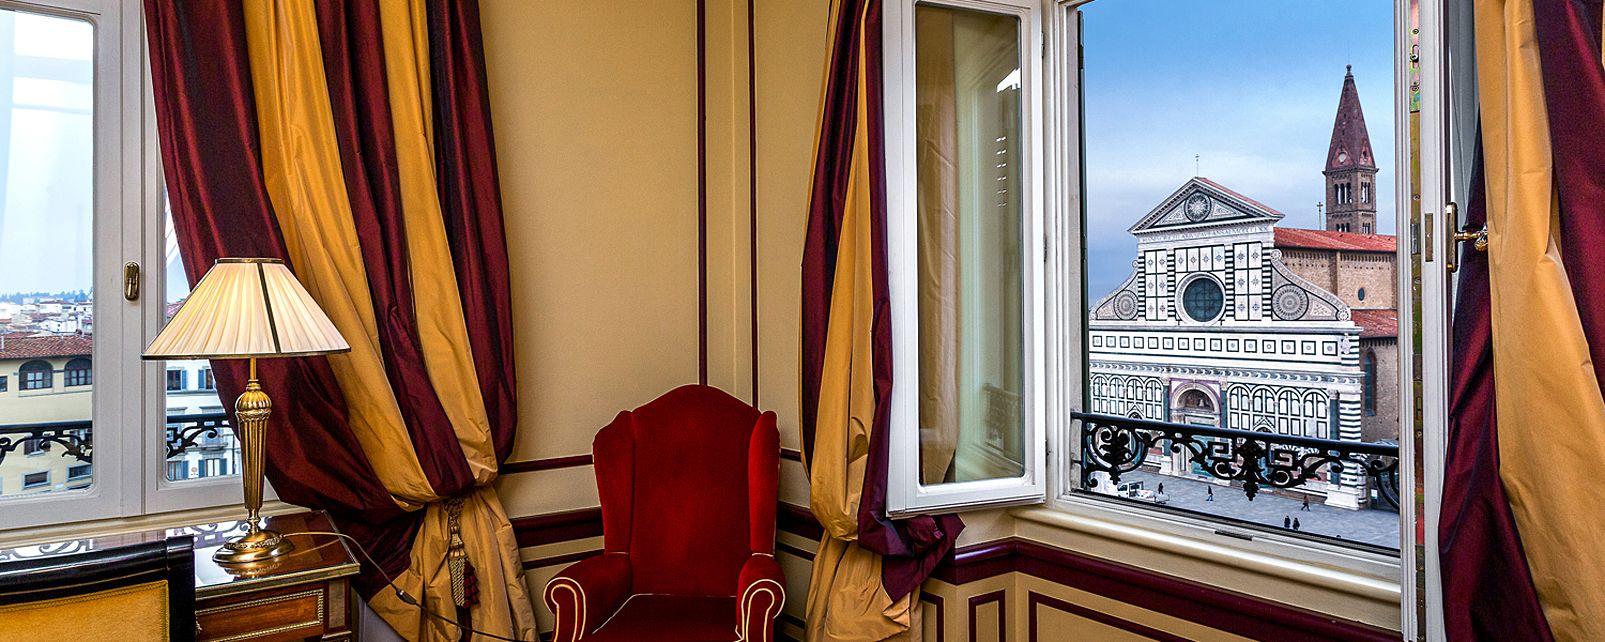 Hôtel Santa Maria Novella